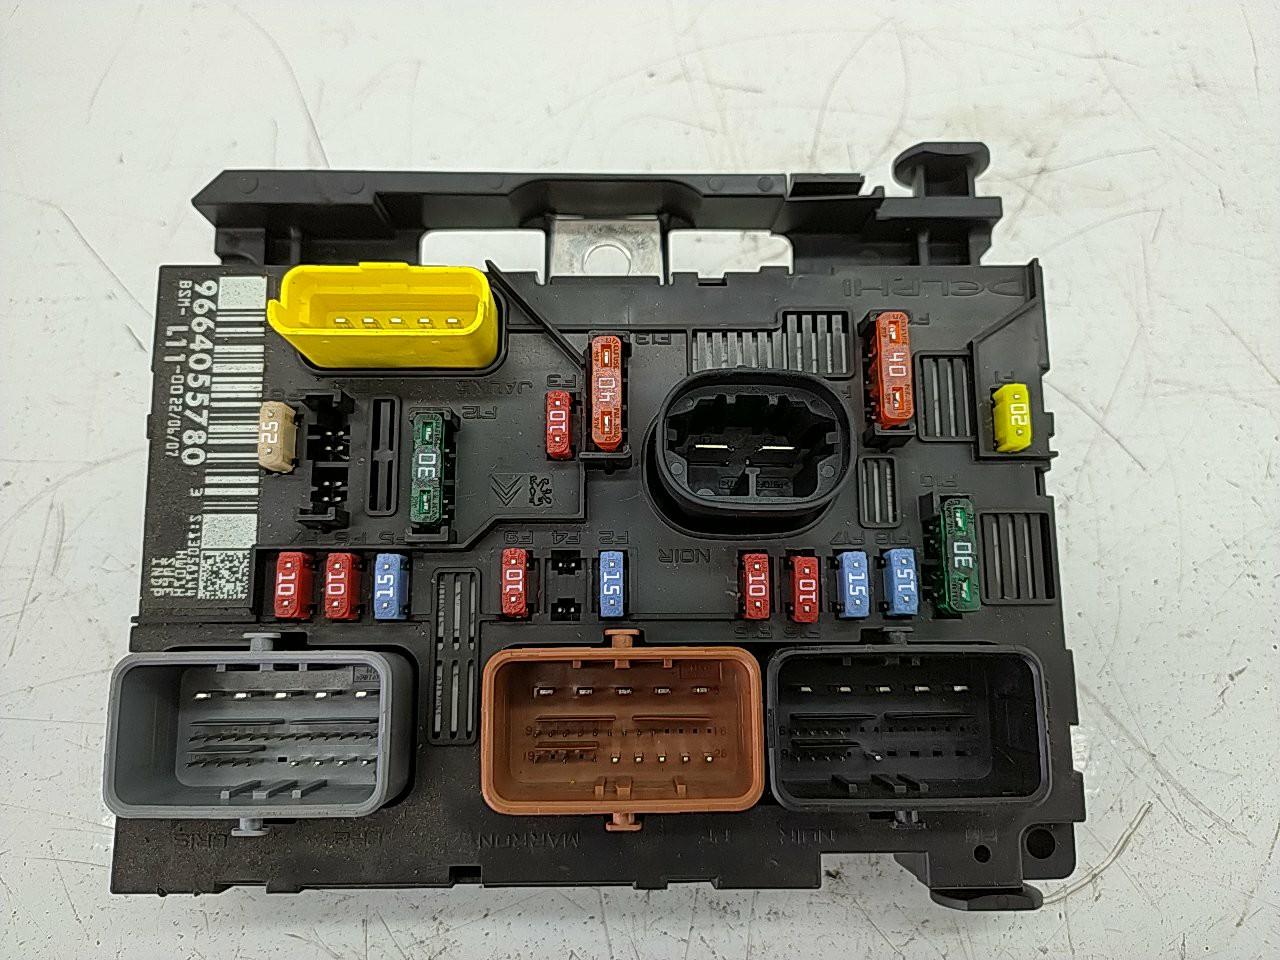 BSM caixa fusiveis (20252742).